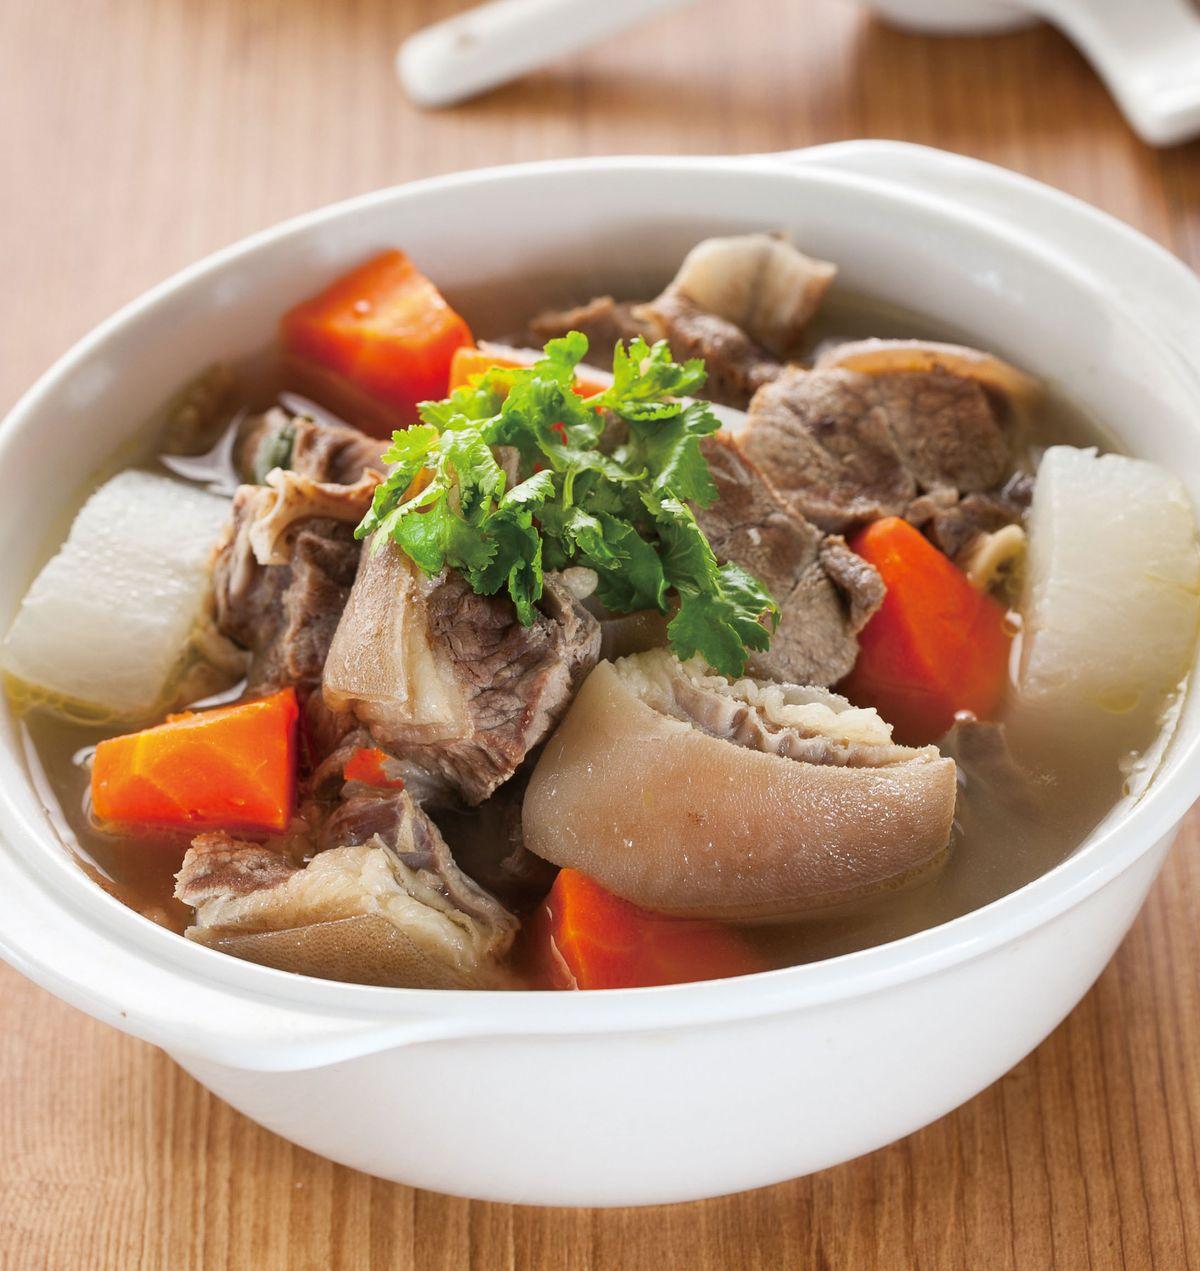 食譜:清燉羊肉鍋